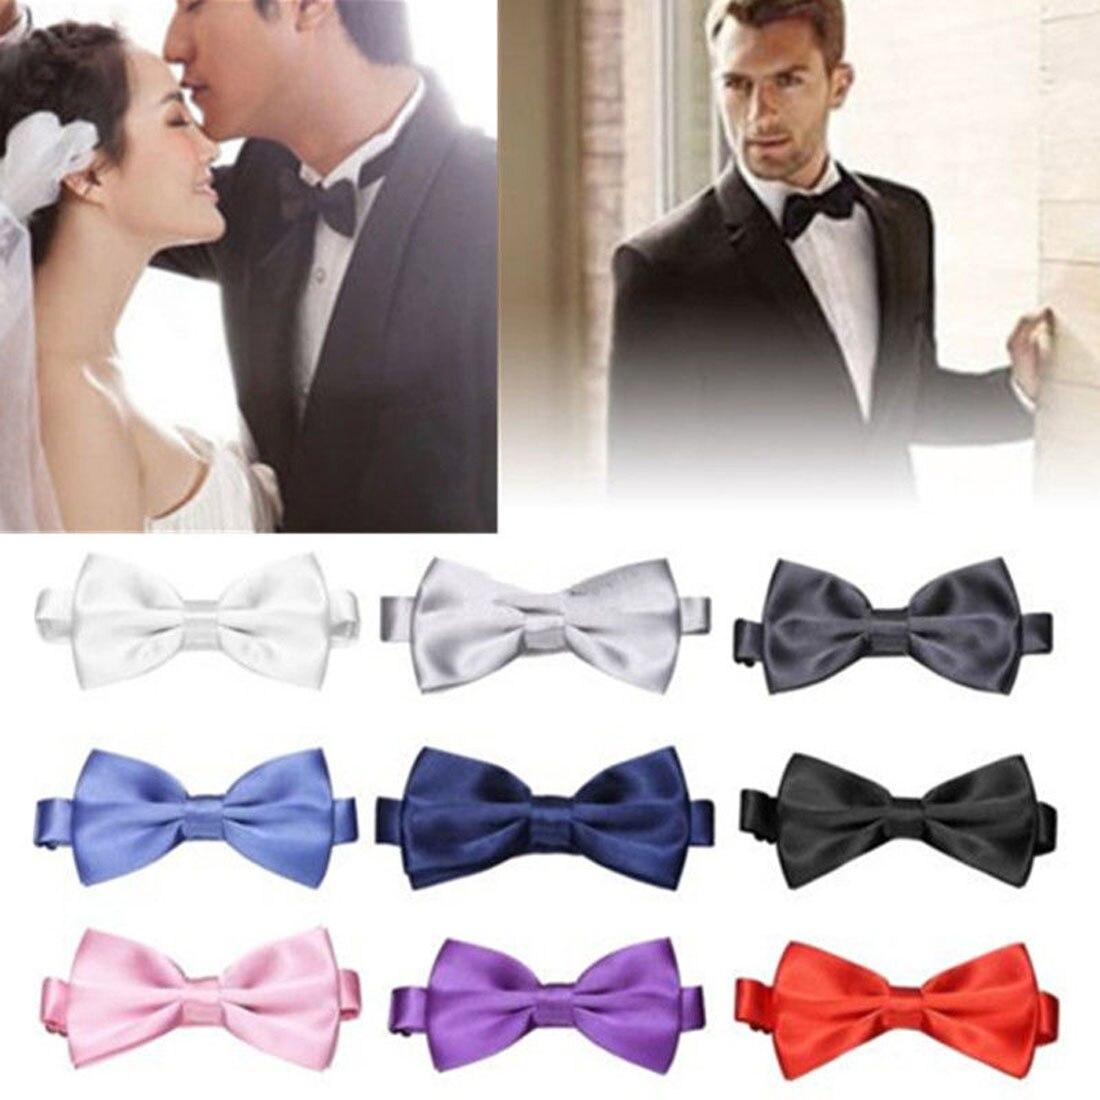 Men's Evening Dress Tuxedo Bow Tie Gentleman Dress Wedding Bridegroom Groomsman Collar Flower Solid Color Satin Bow Tie Men